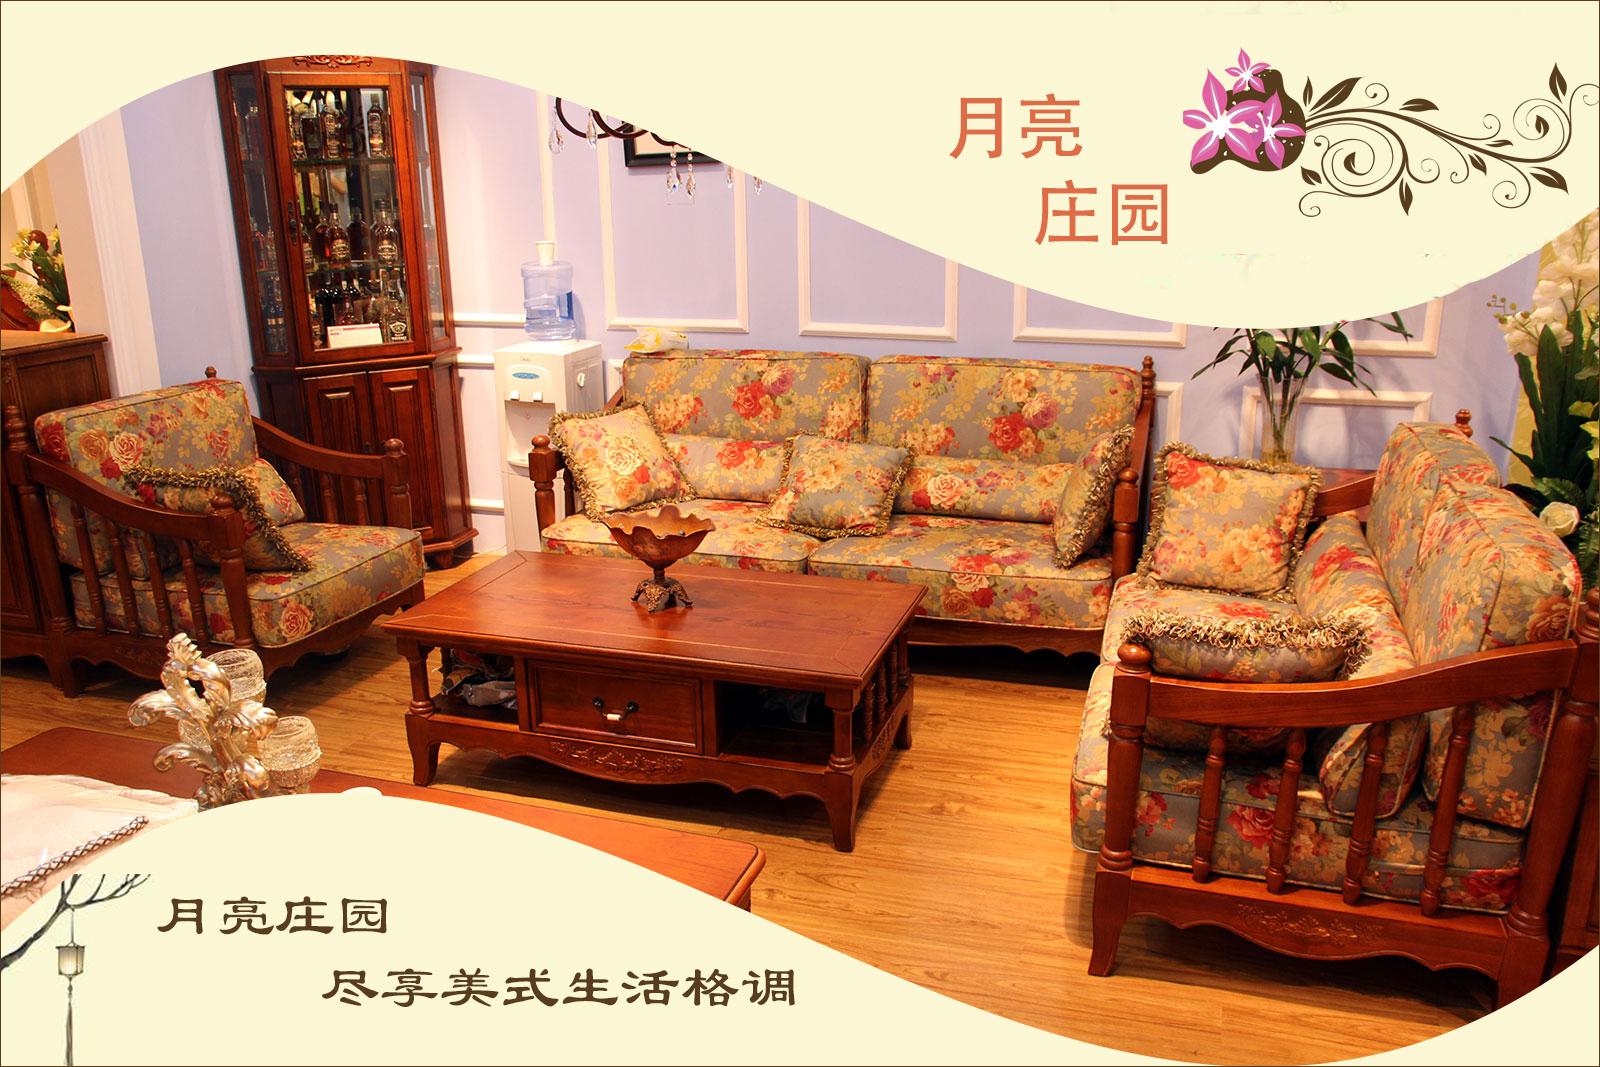 月亮庄园美式家具让你的家更有气质